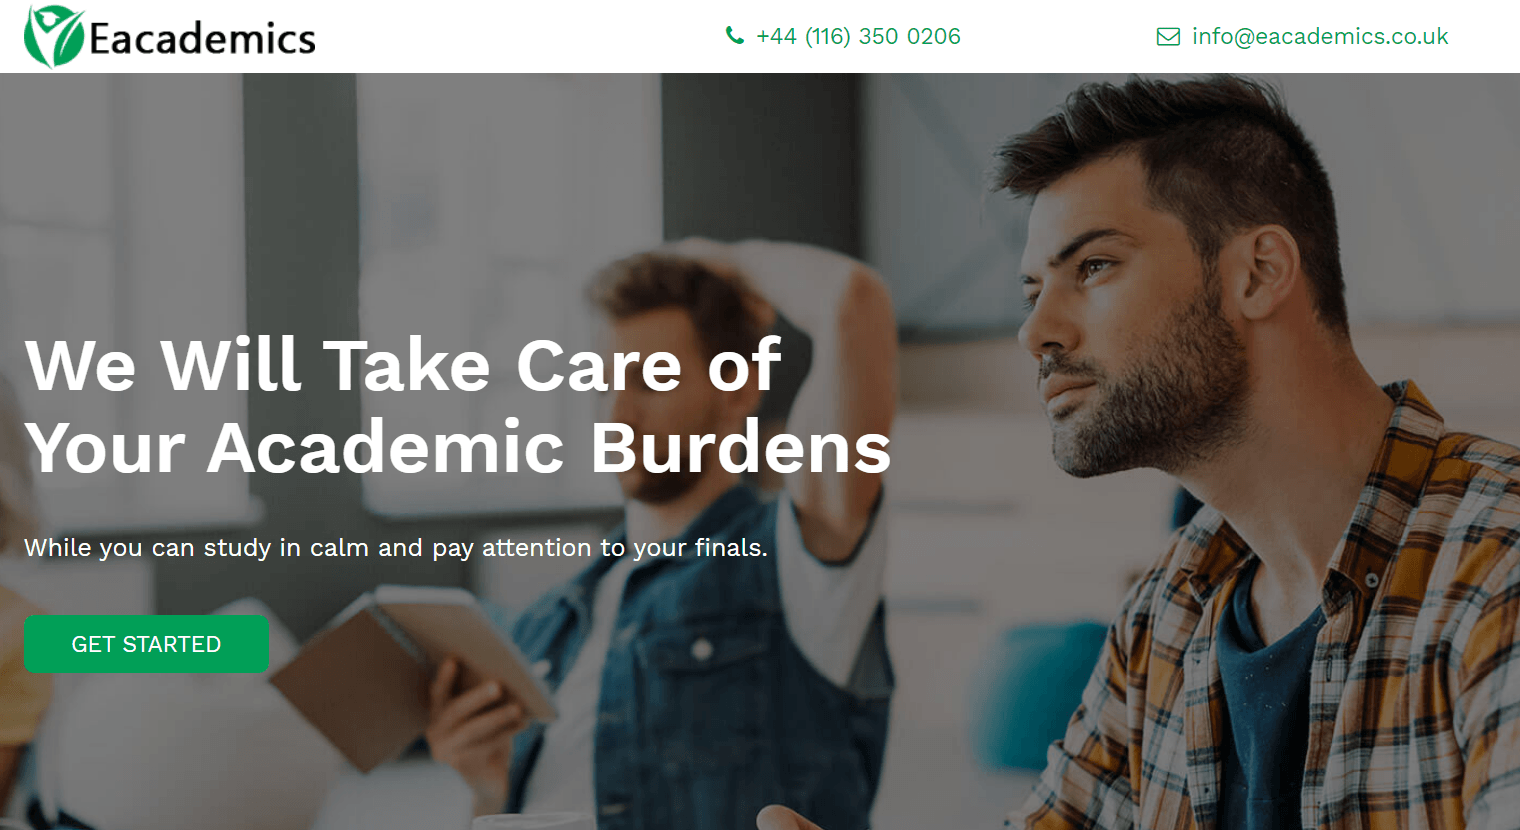 eacademics.co.uk